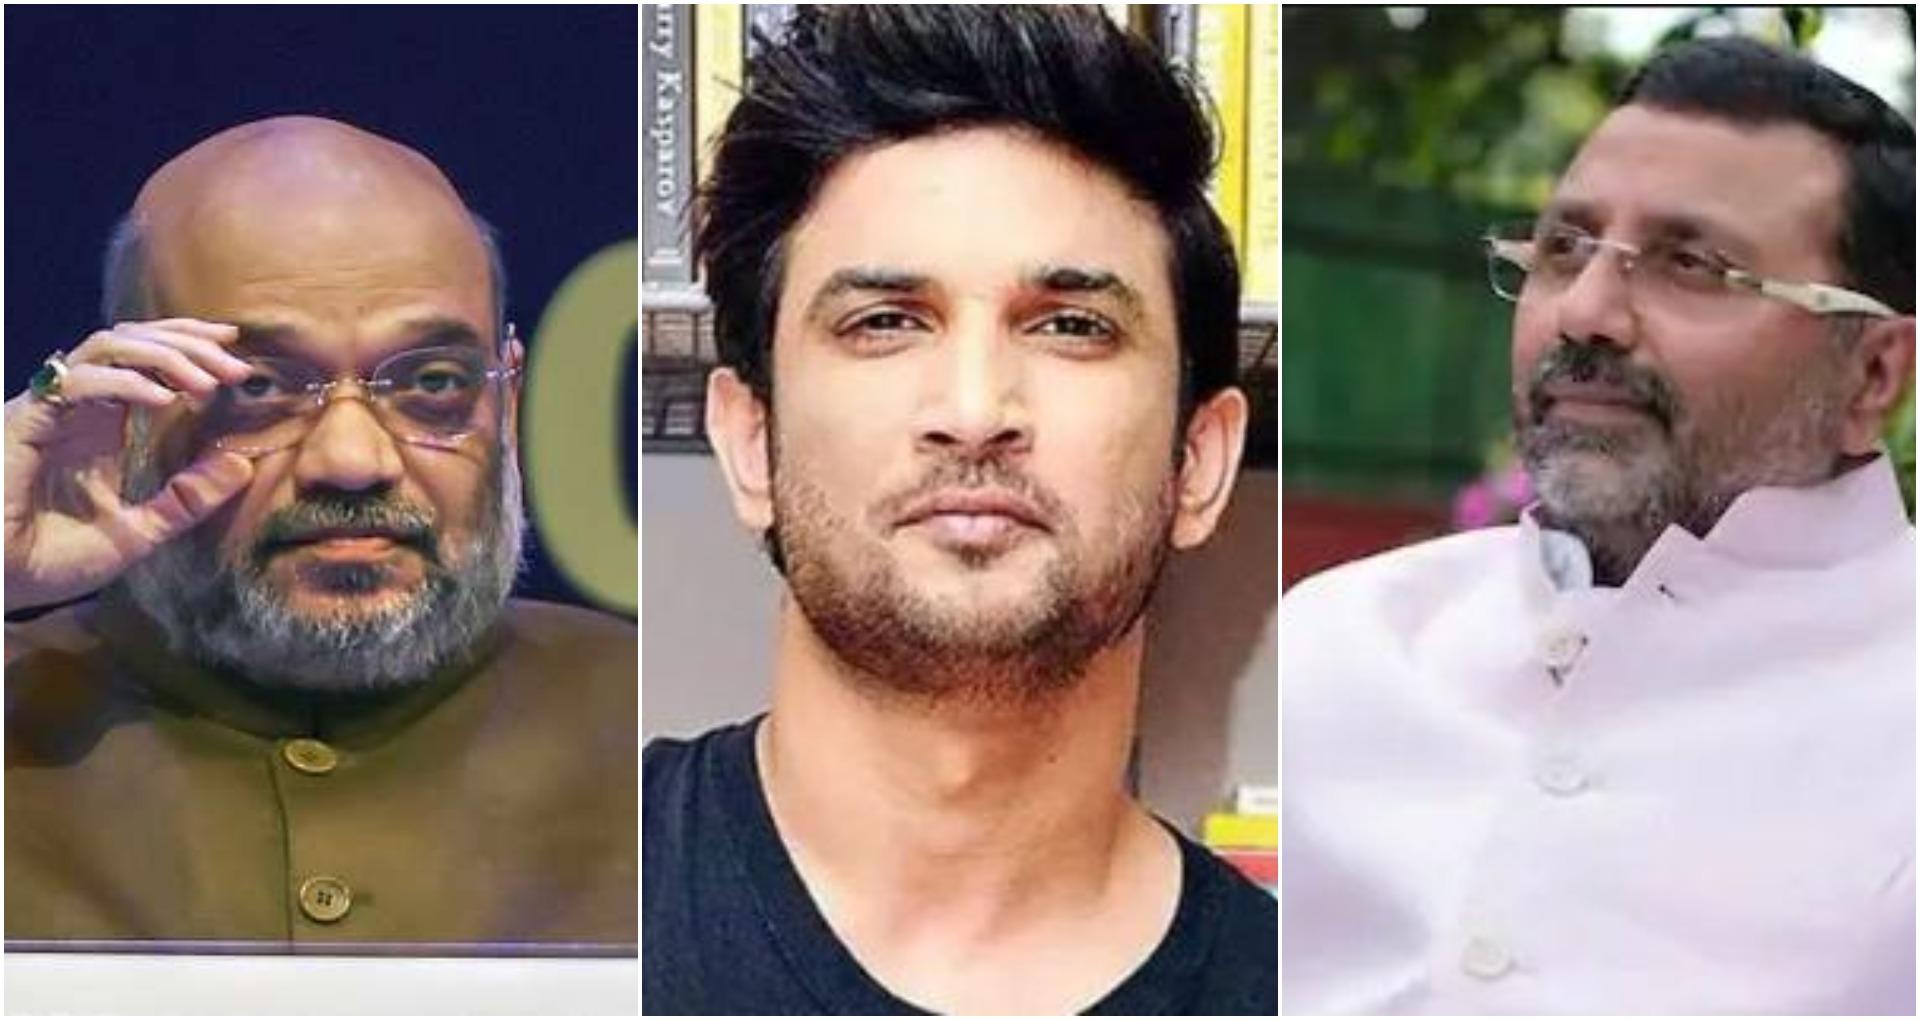 Sushant Suicide Case: BJP सांसद ने अमित शाह को लिखा पत्र, कई एजेंसियों से जांच कराने की मांग की